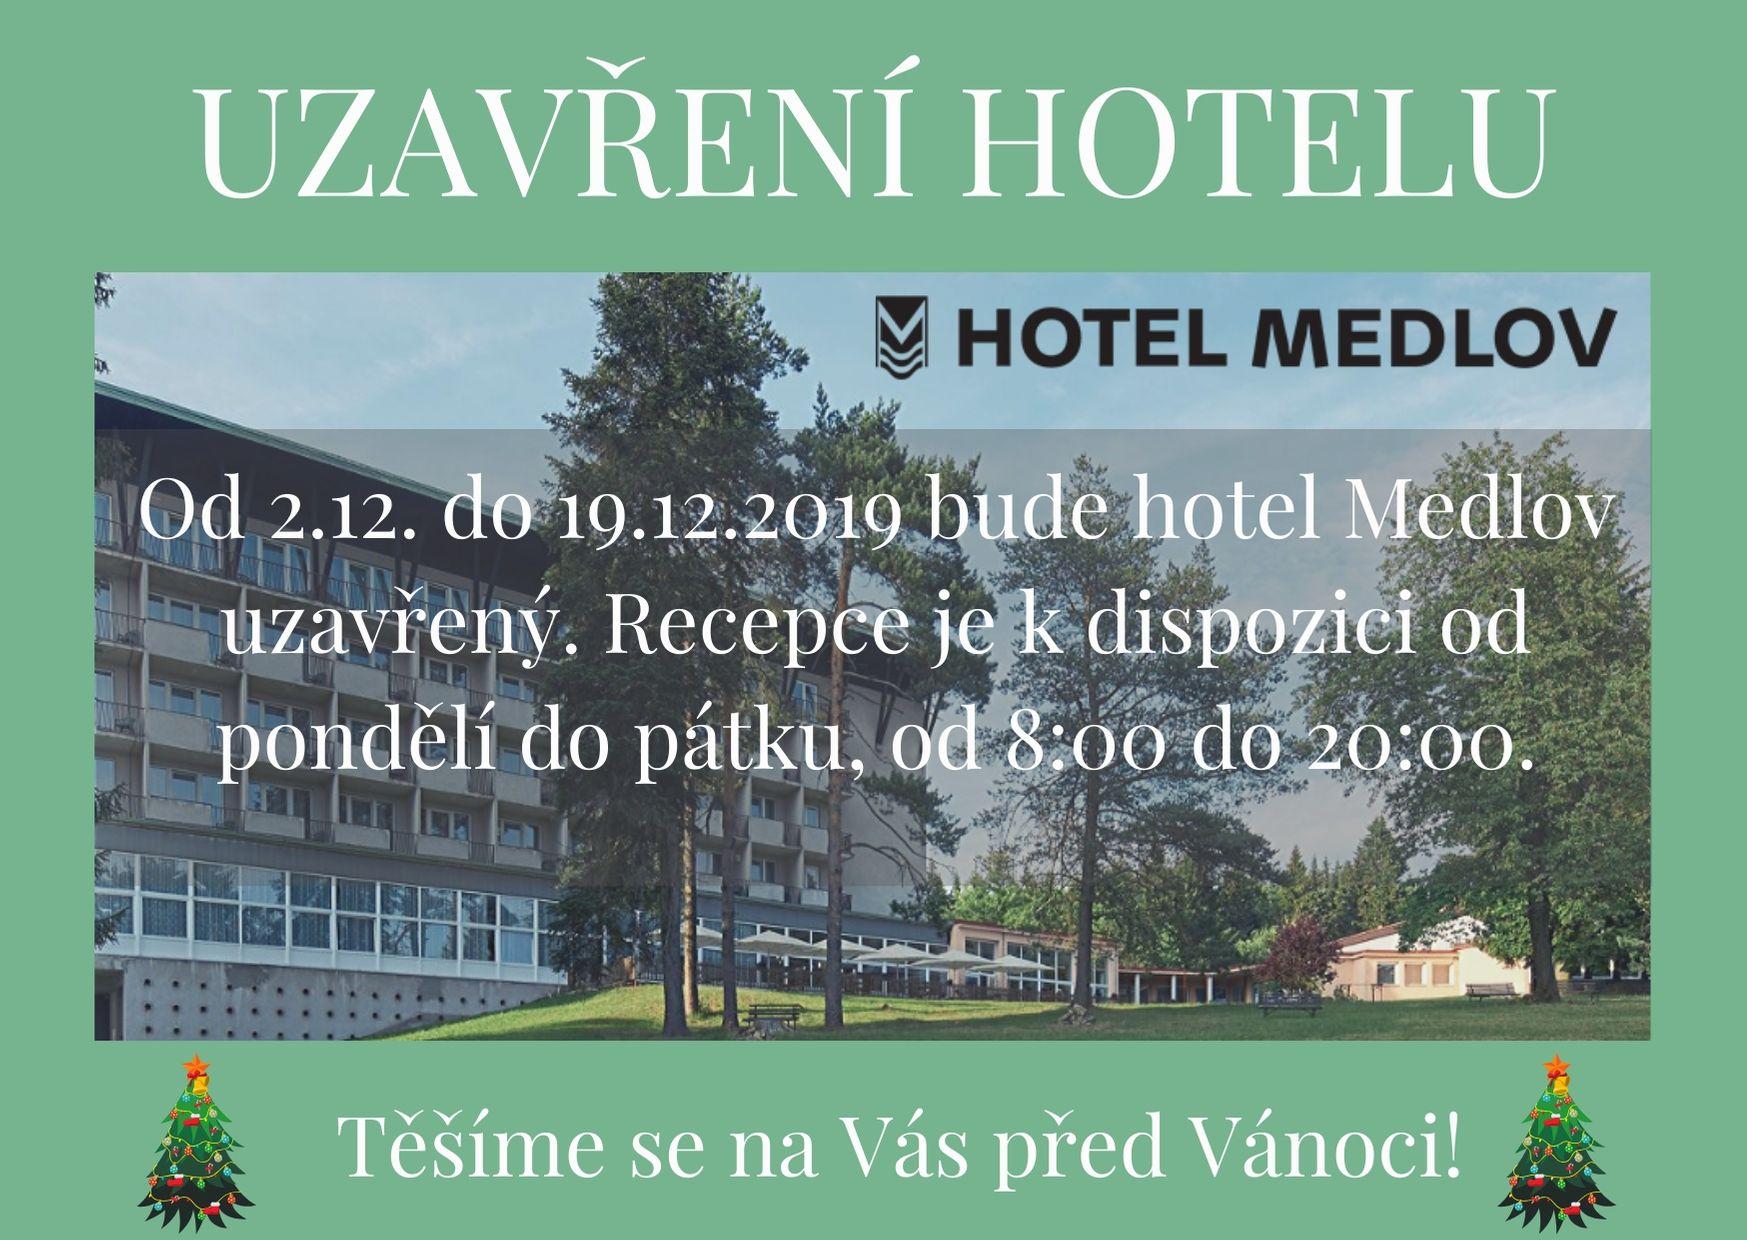 Plánovaná uzavírka hotelu